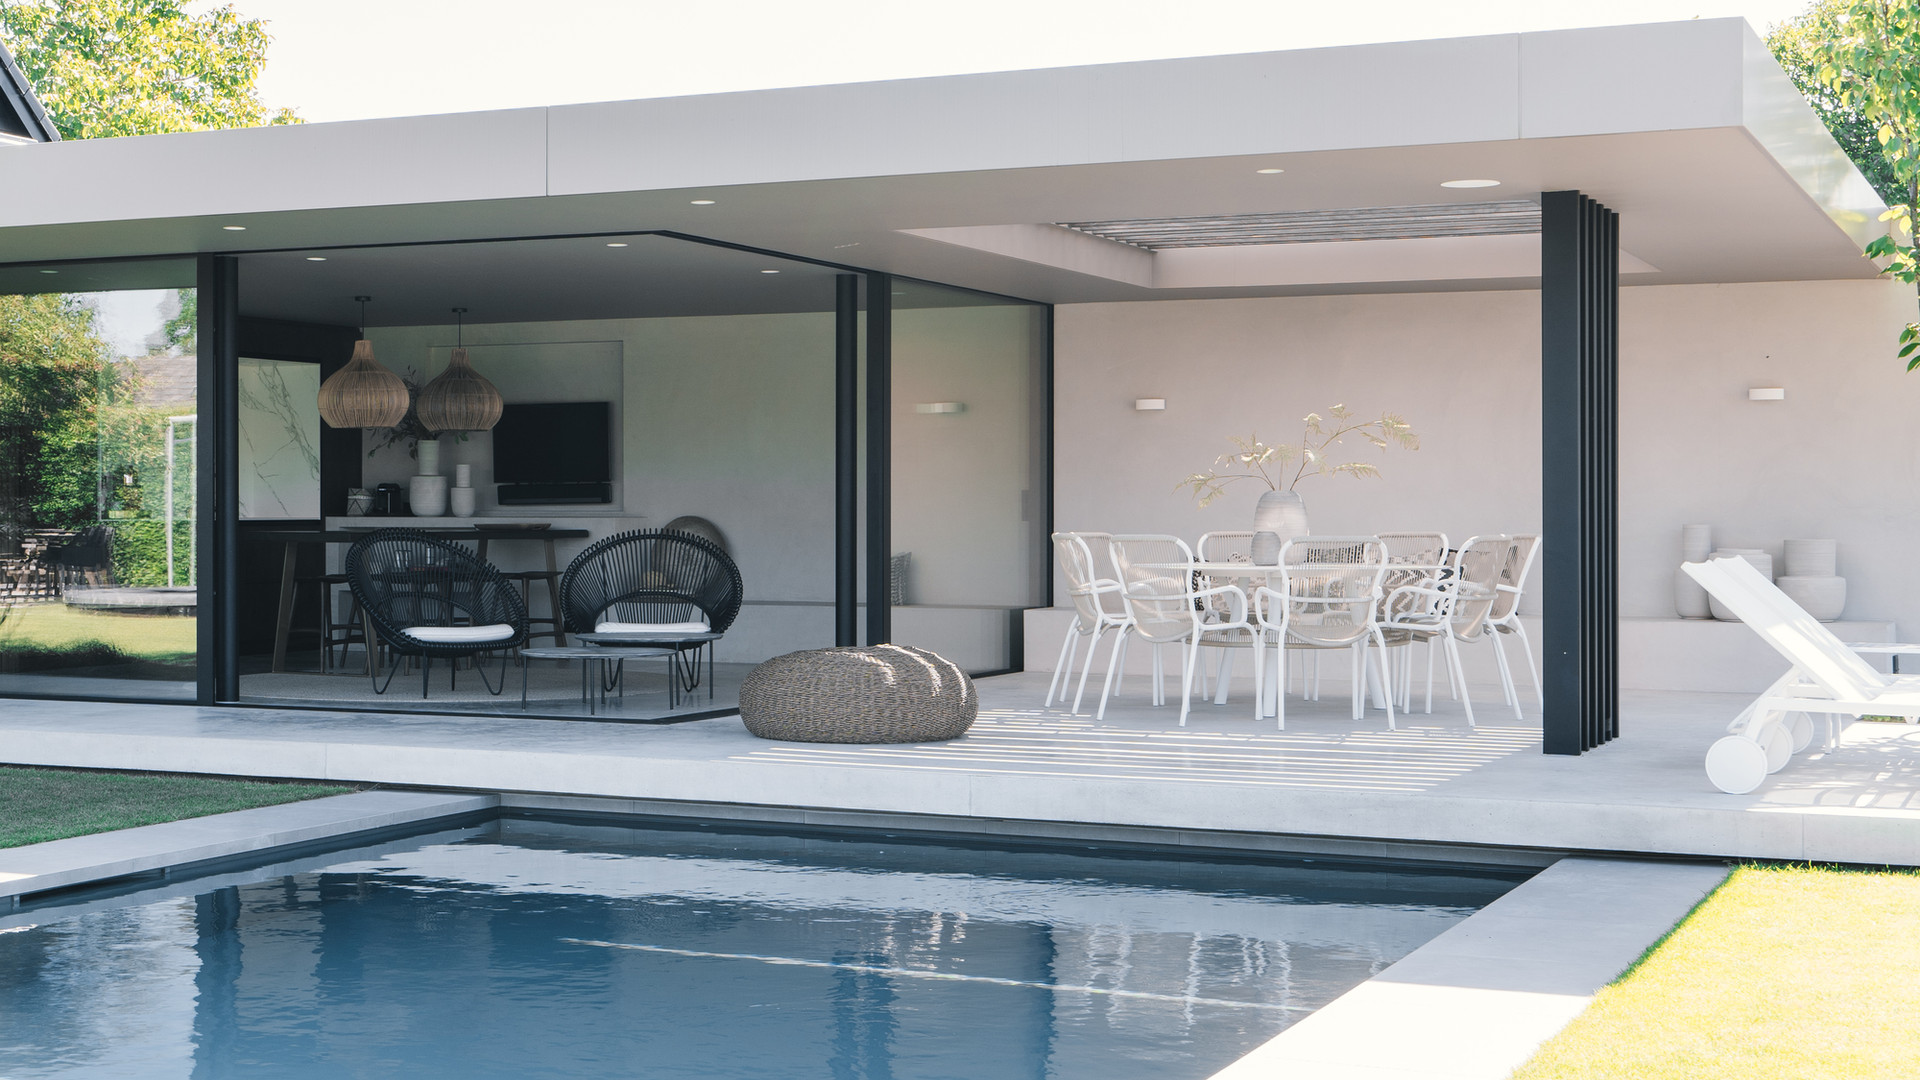 Studio C | Poolhouse